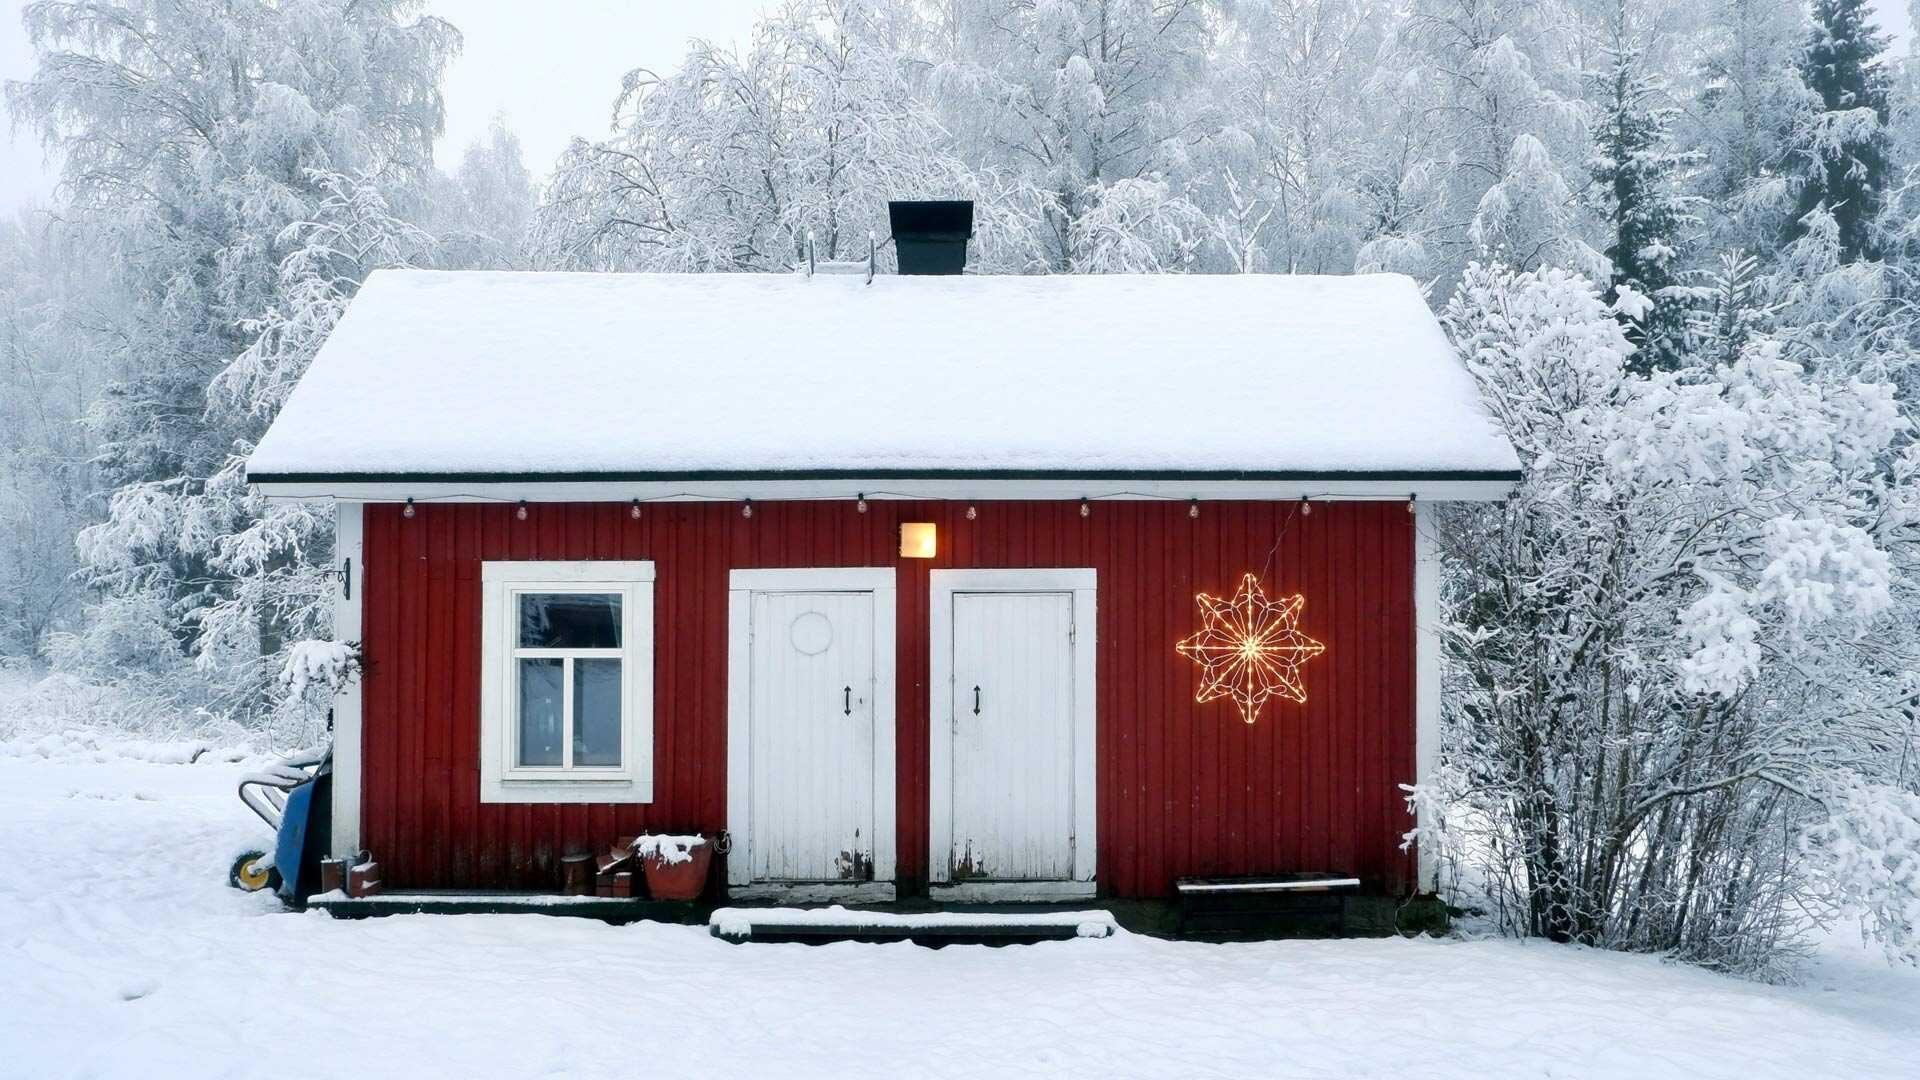 Czy w Finlandii jest zmiana czasu? Zmiana czasu 2021